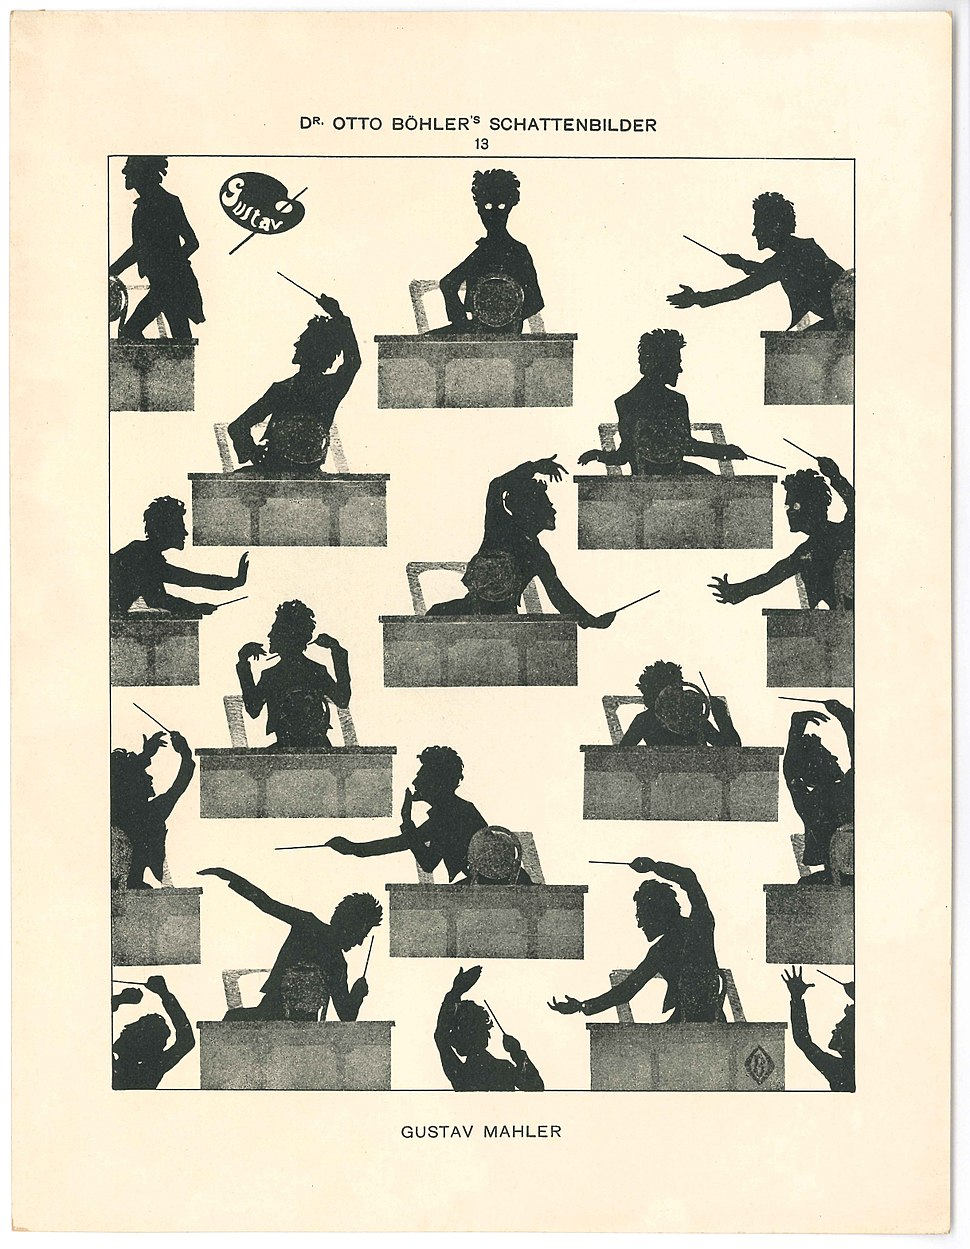 Gustav Mahler silhouette Otto Böhler